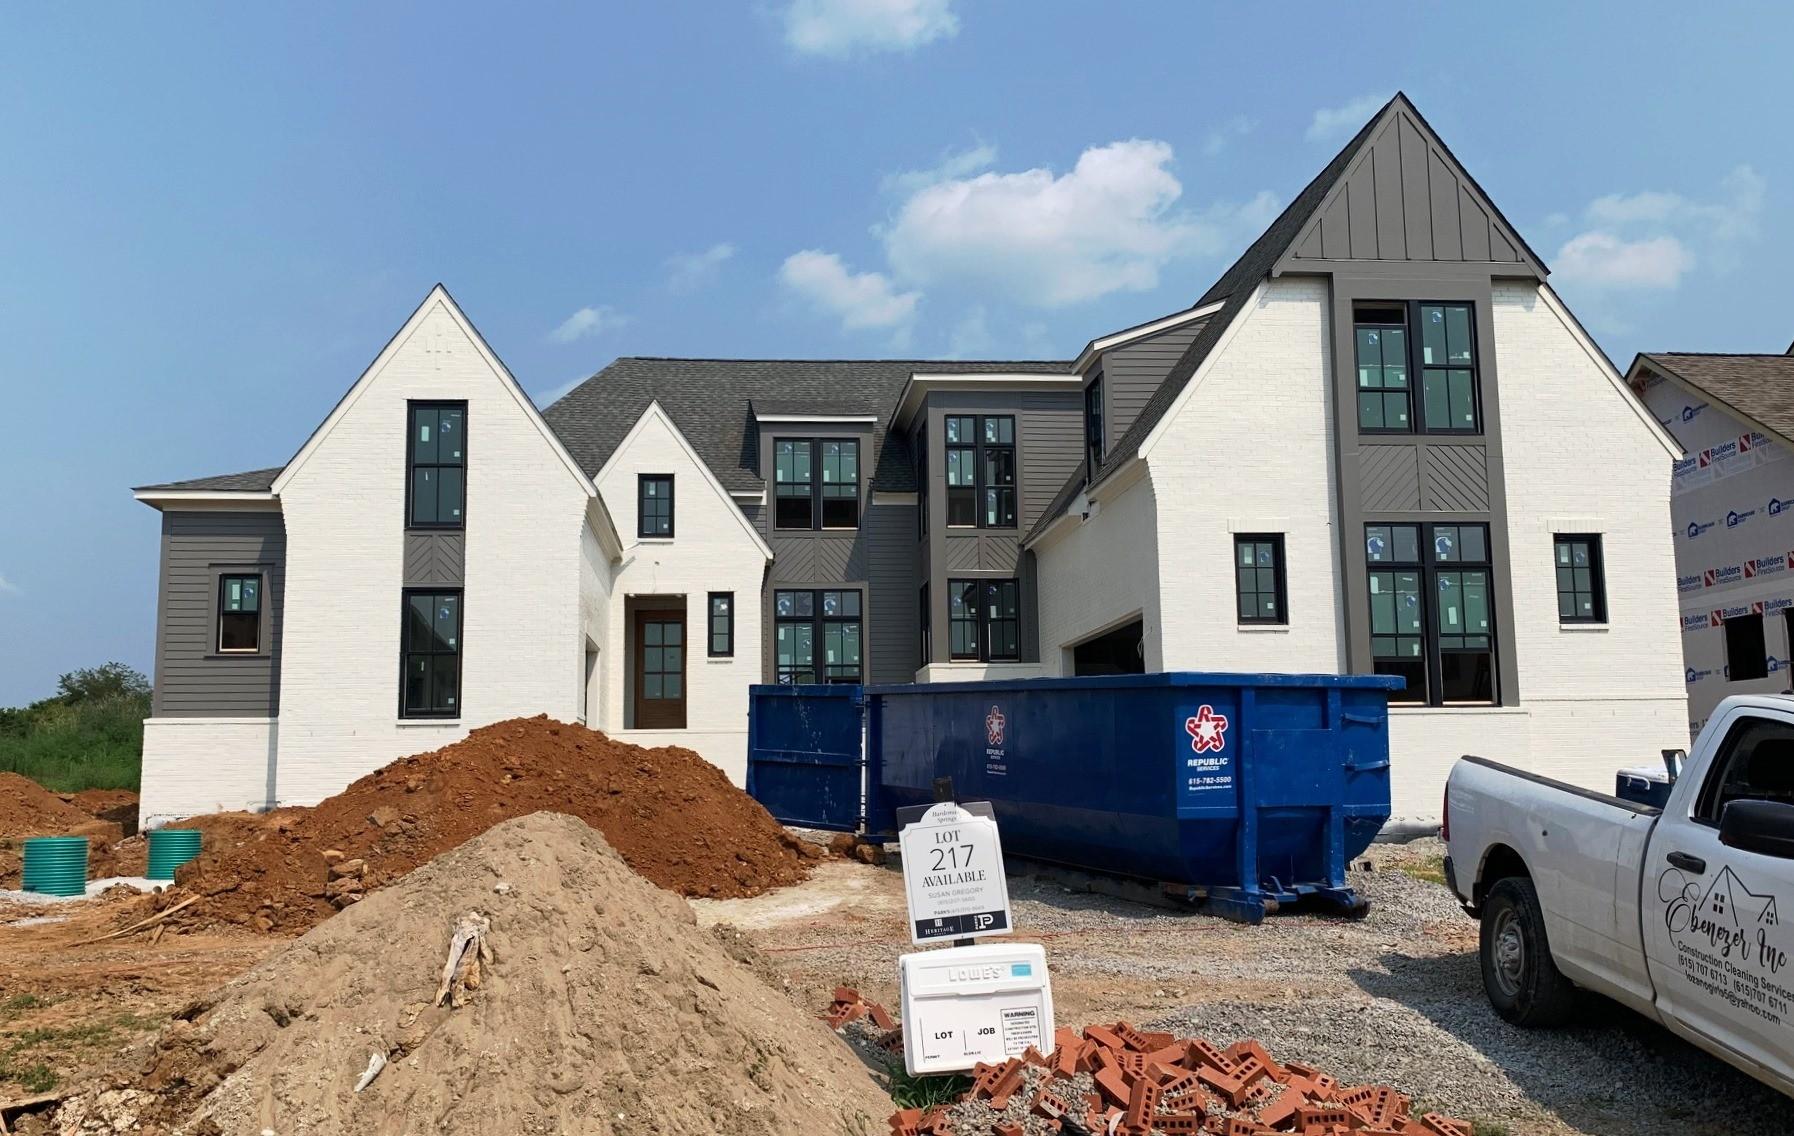 6328 Percheron Ln - Lot 217 Property Photo